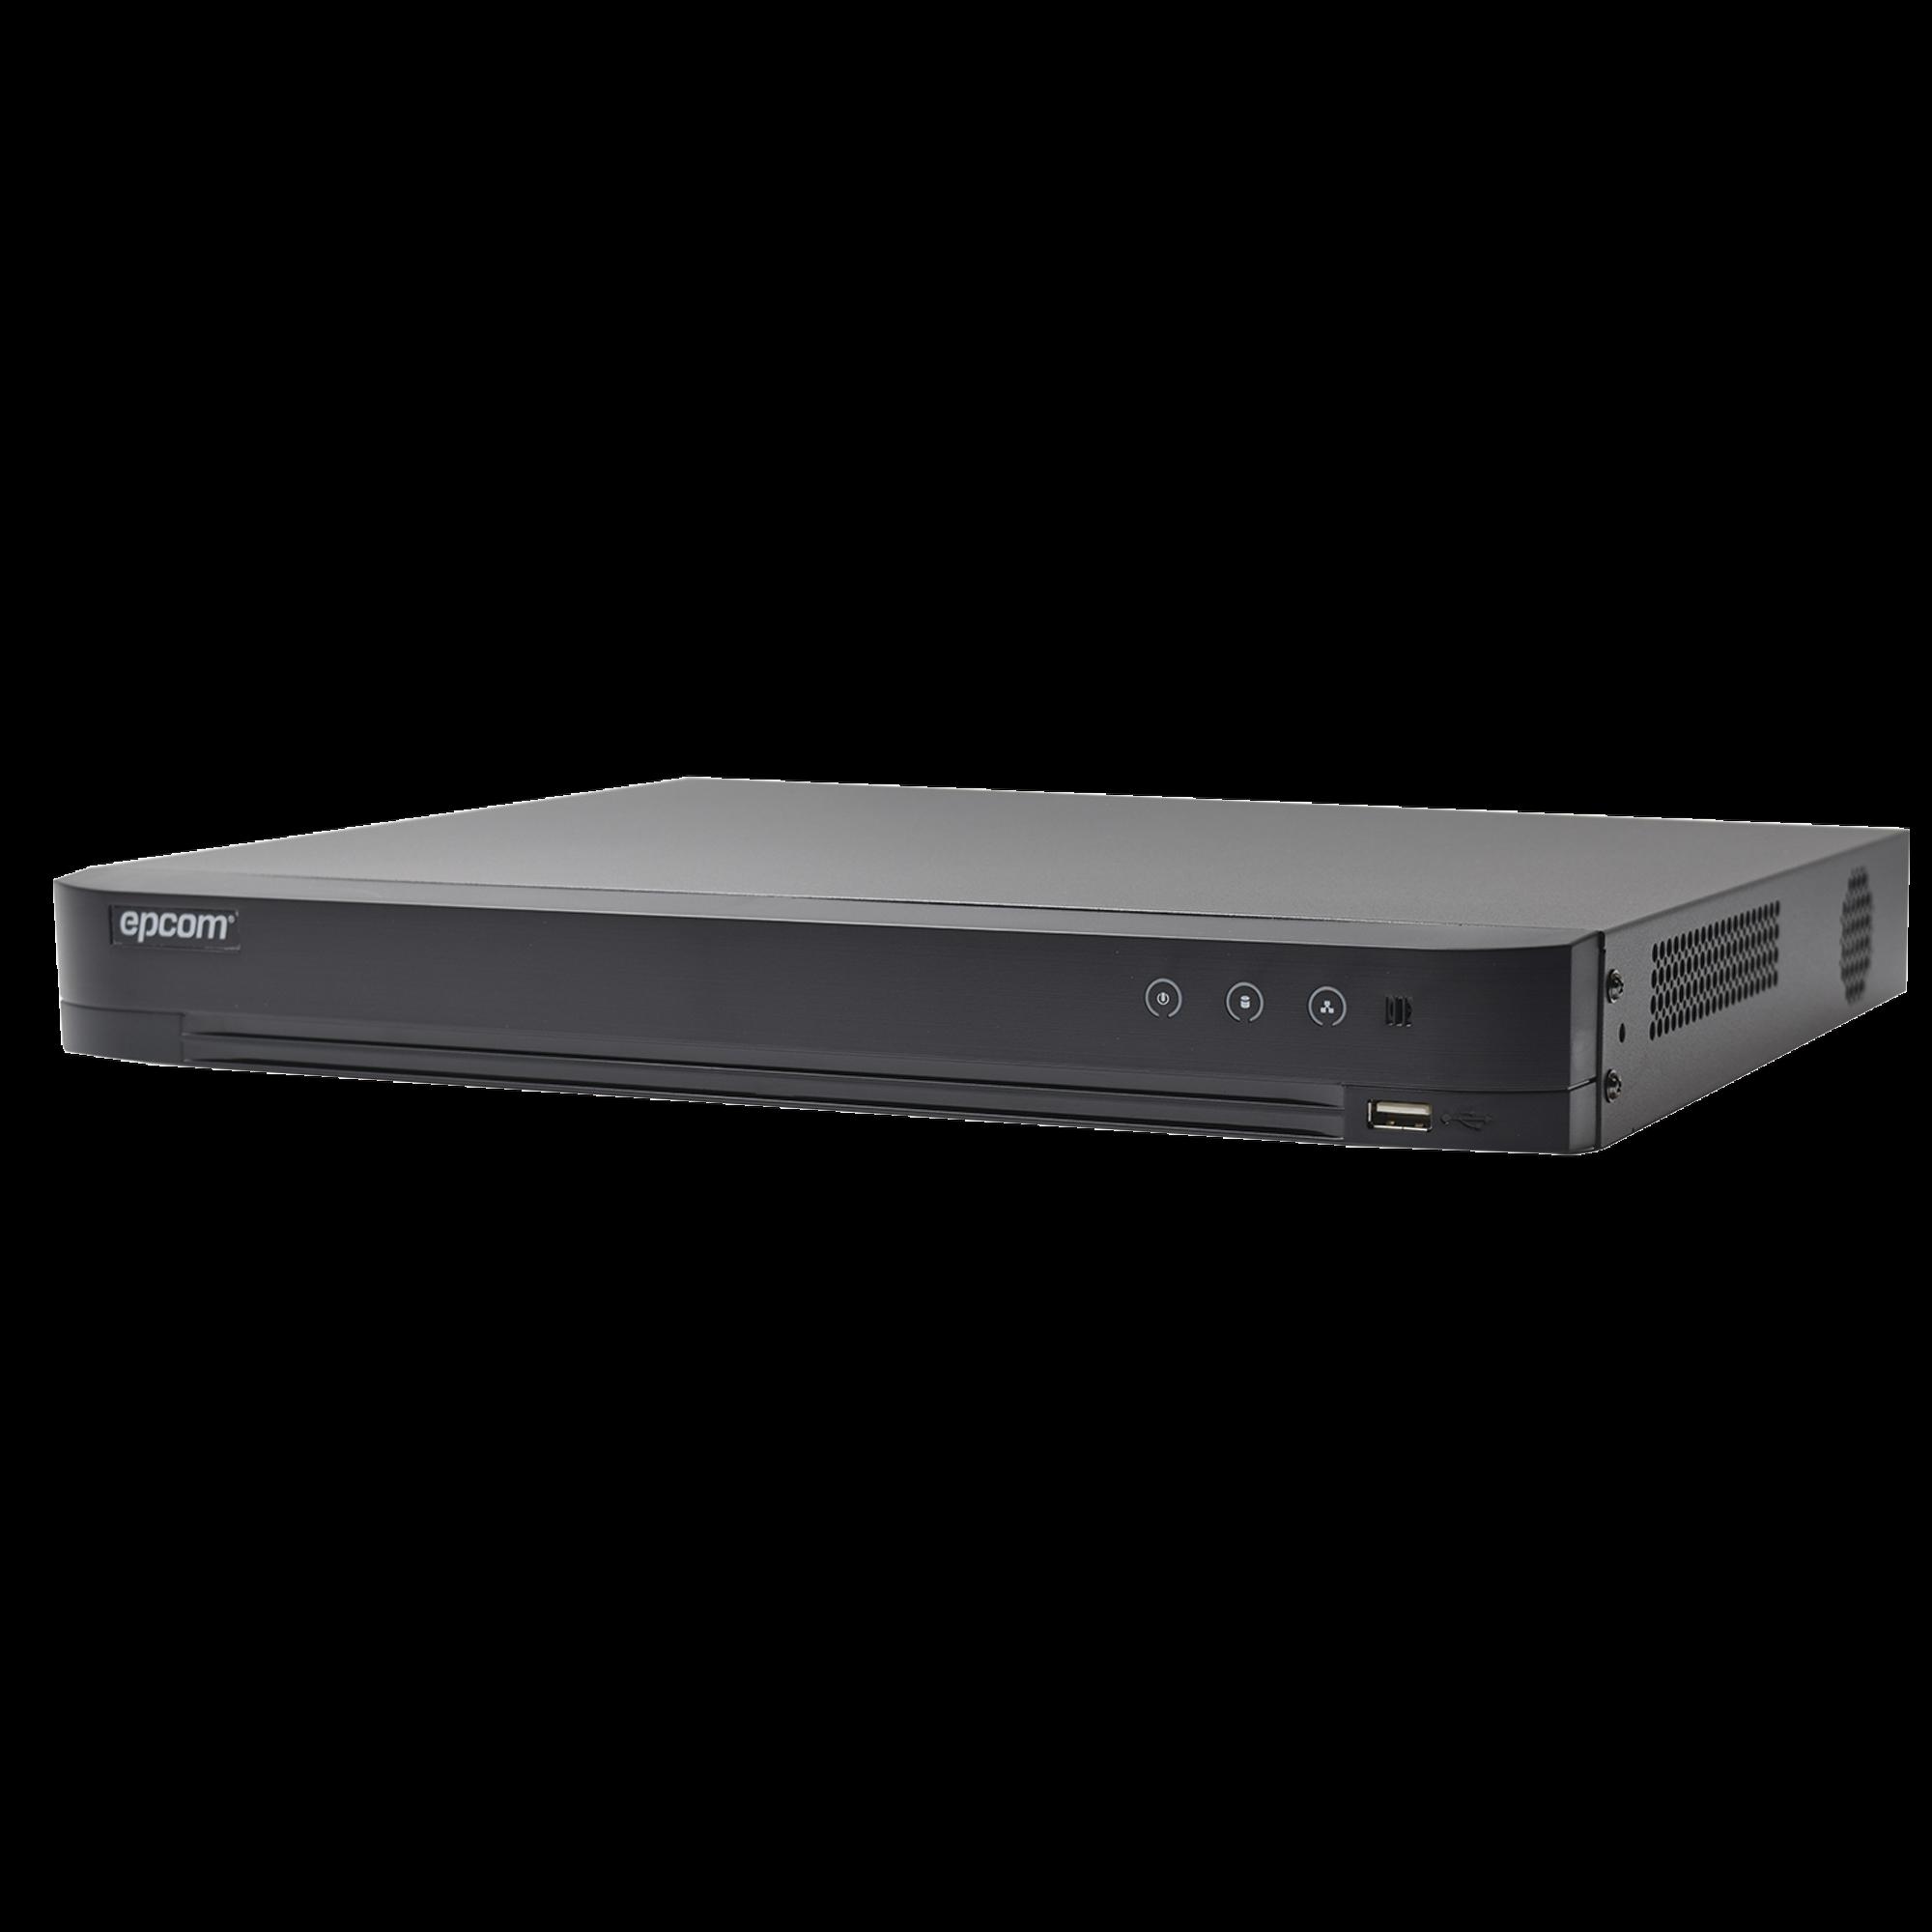 DVR 4 Megapixel / 24 Canales TURBOHD + 8 Canales IP / 2 Bahías de Disco Duro / 1 Canal de Audio / Grabacion hasta 3MP solo en 4 canales